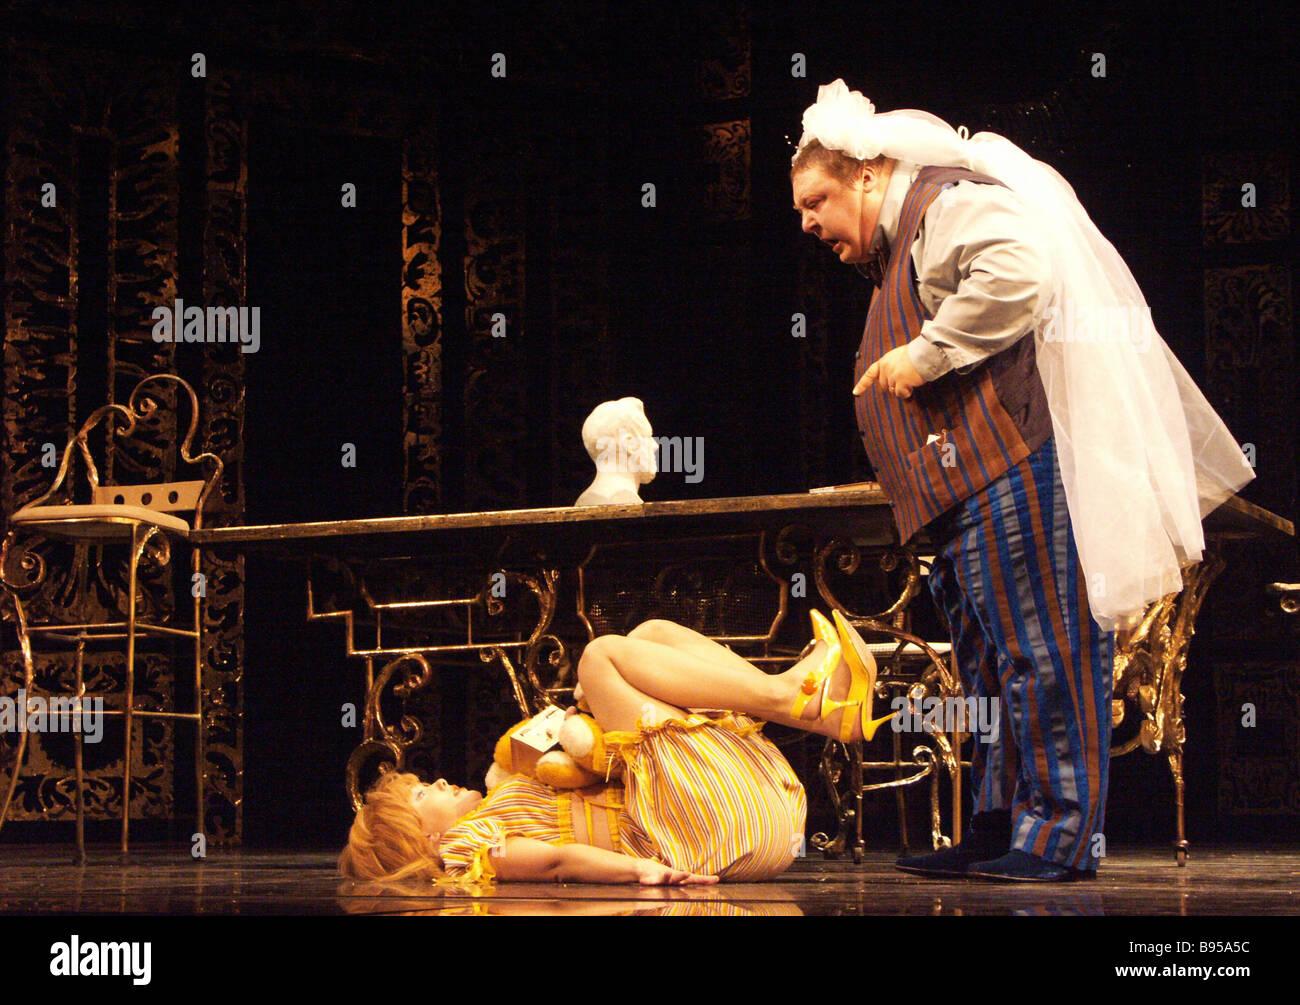 Una scena da tartufo giocato da Alexander Semchev e Daria Moroz il gioco è messo in scena da Nina Chusova al Immagini Stock